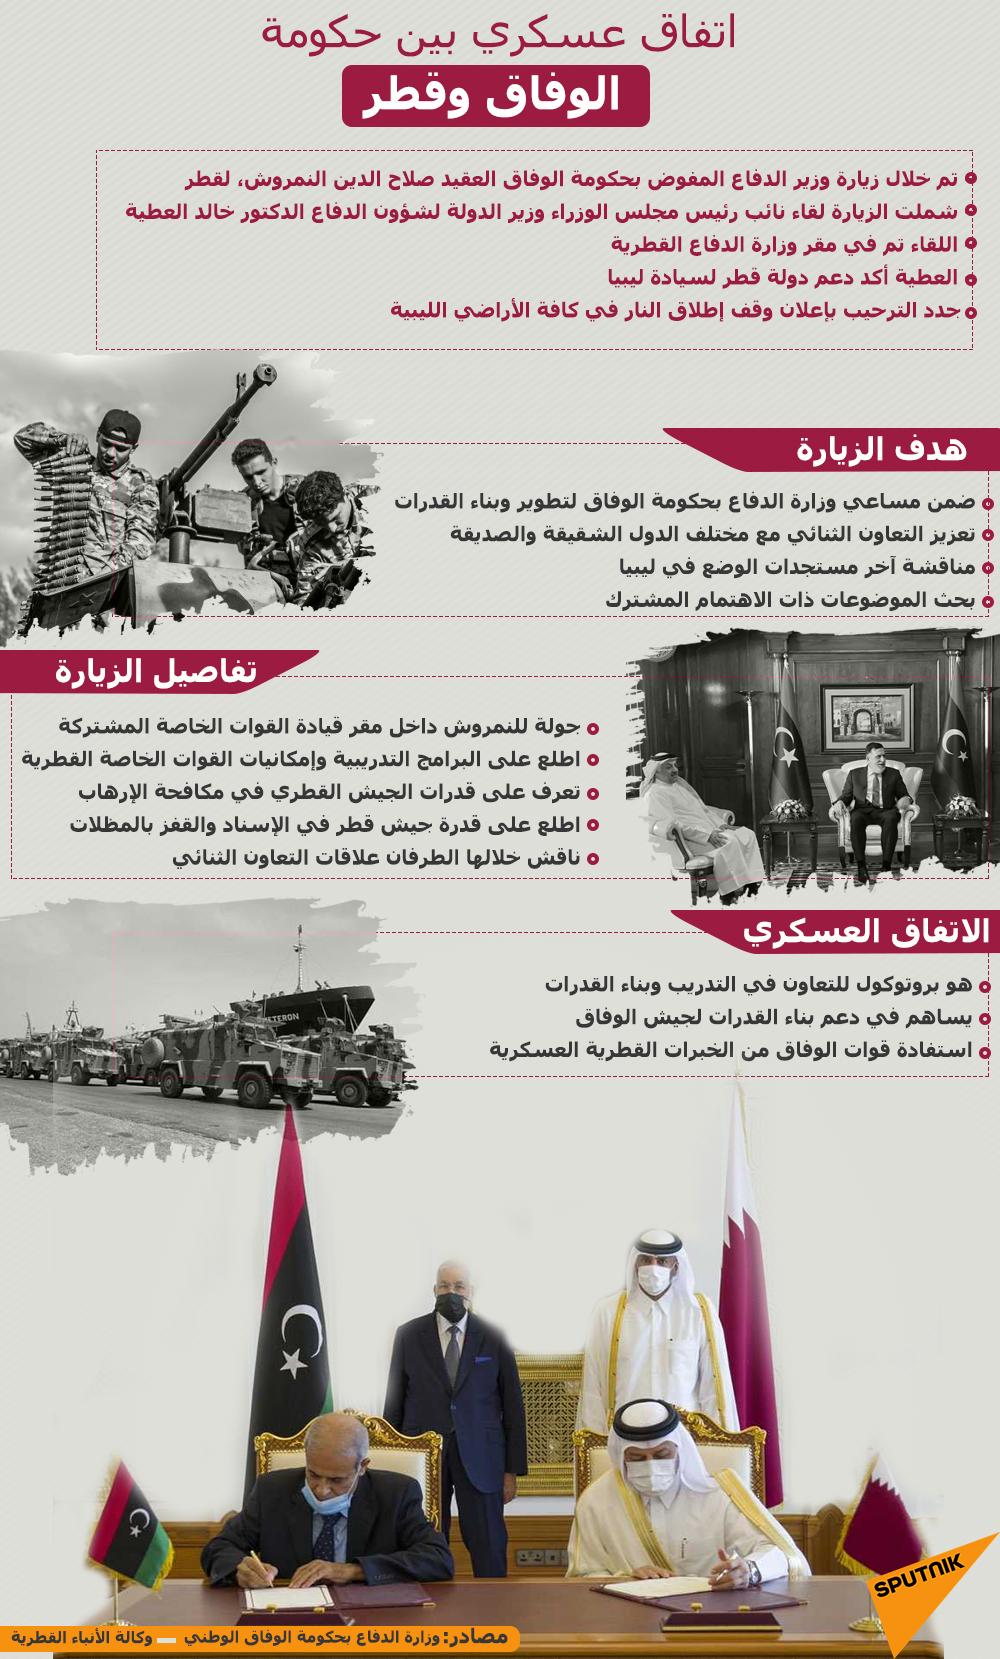 اتفاق عسكري بين حكومة الوفاق وقطر